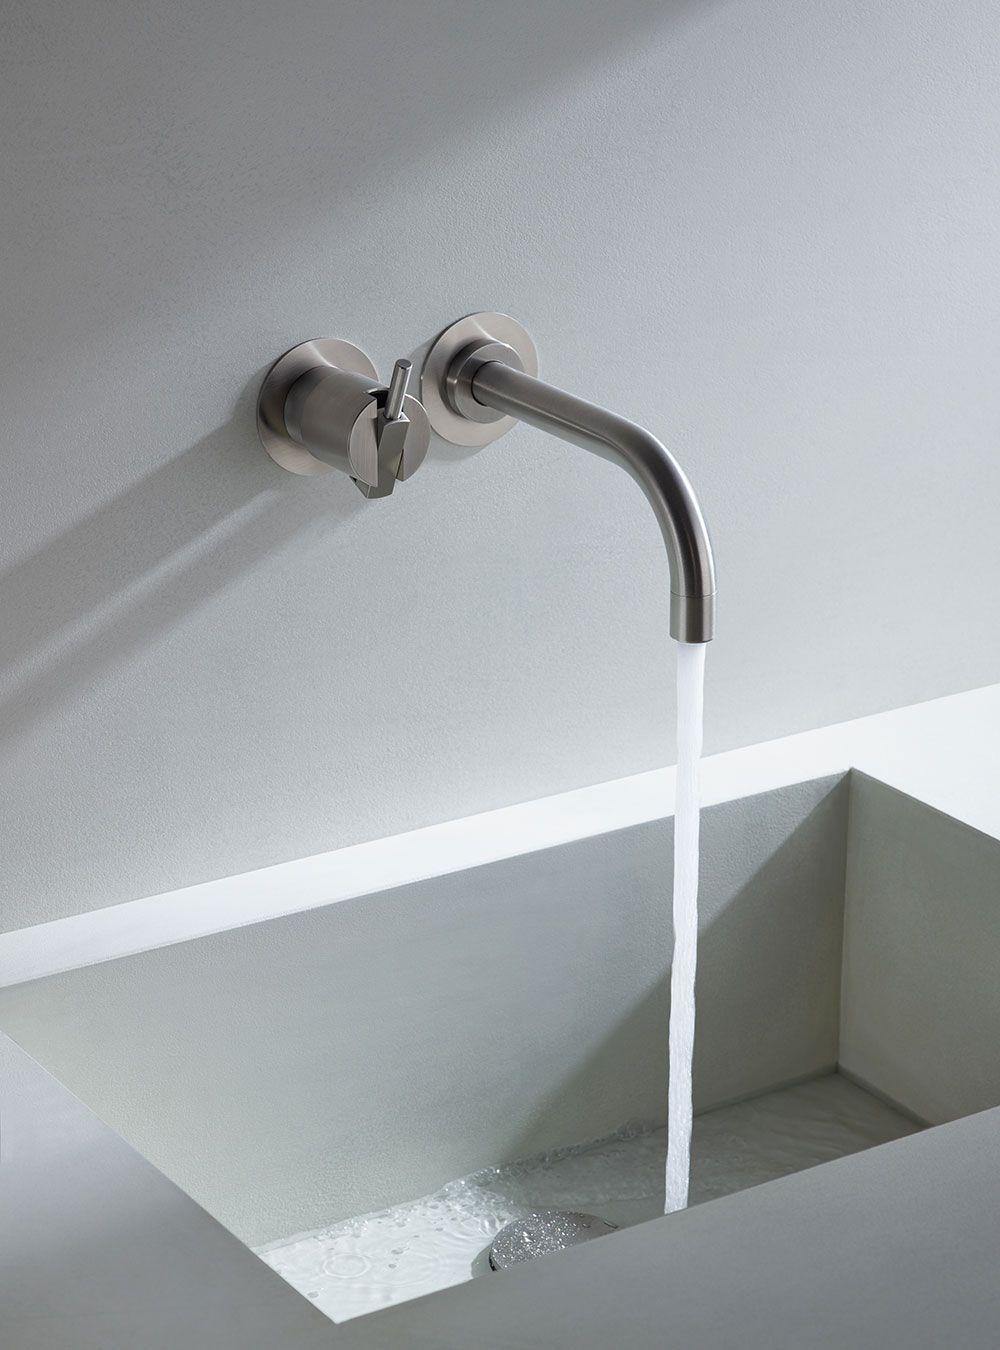 Kranen en accessoires in tijdloos Scandinavisch design | badkamer ...